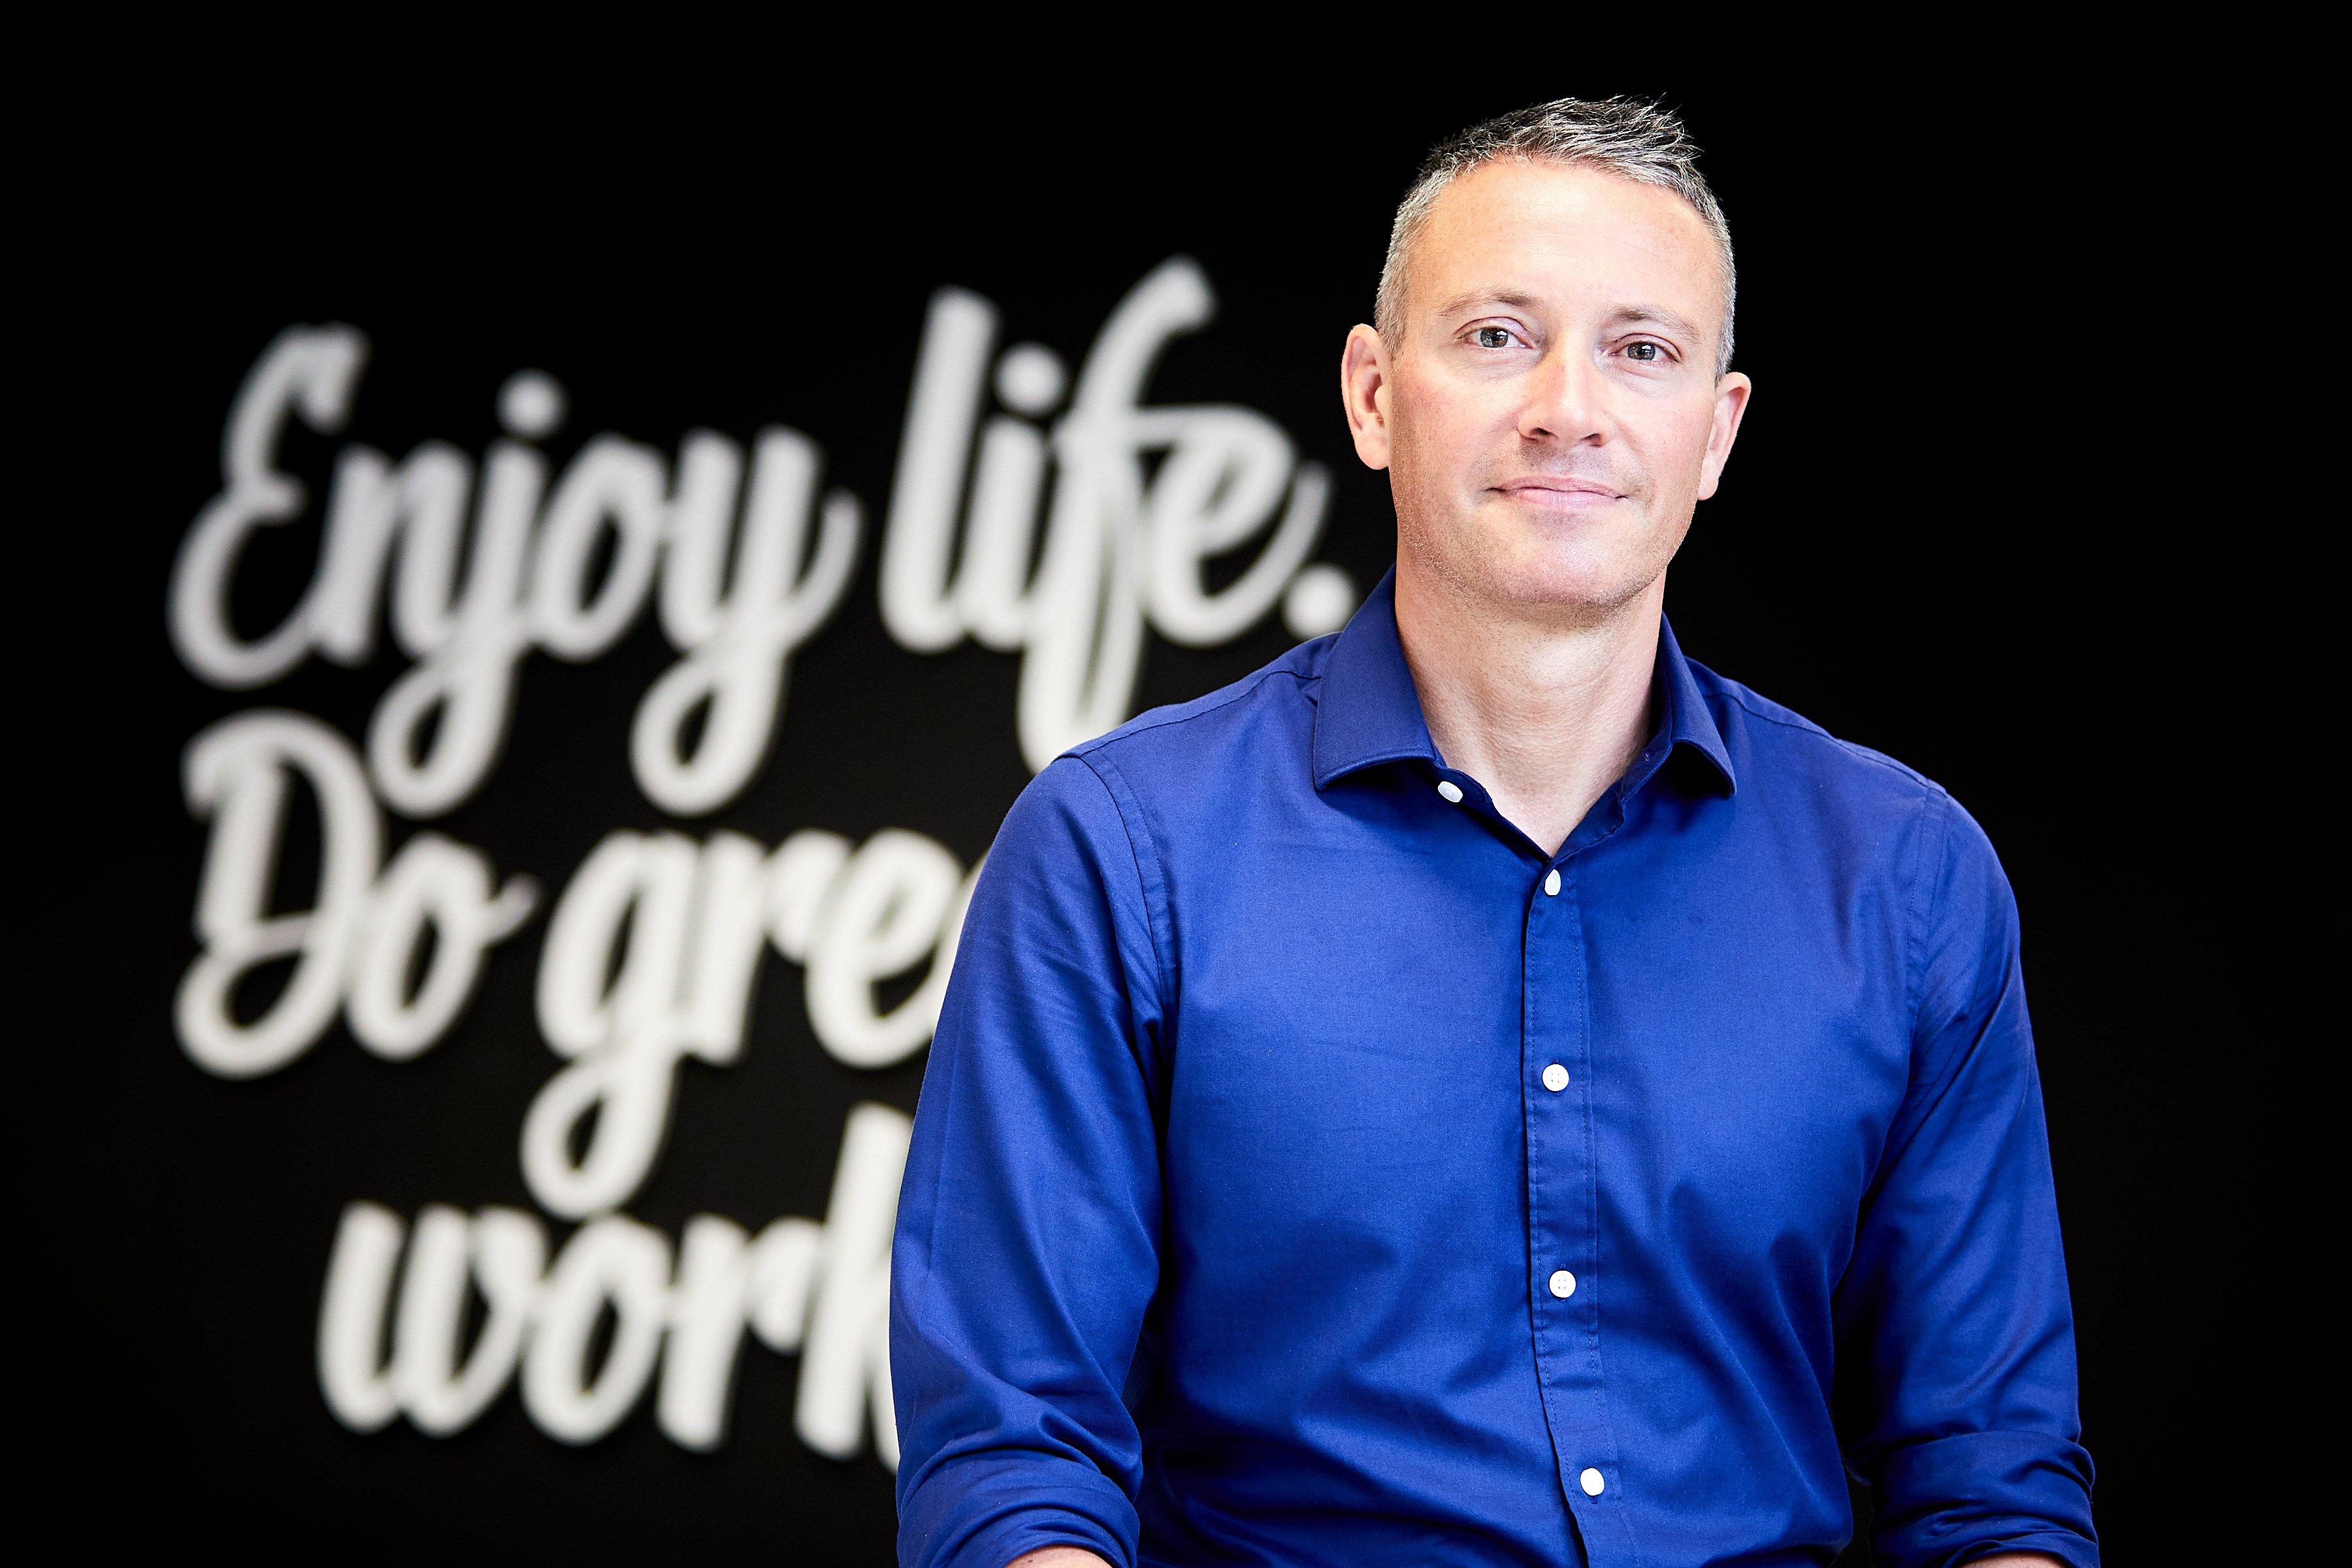 Matt-Townsend-CEO